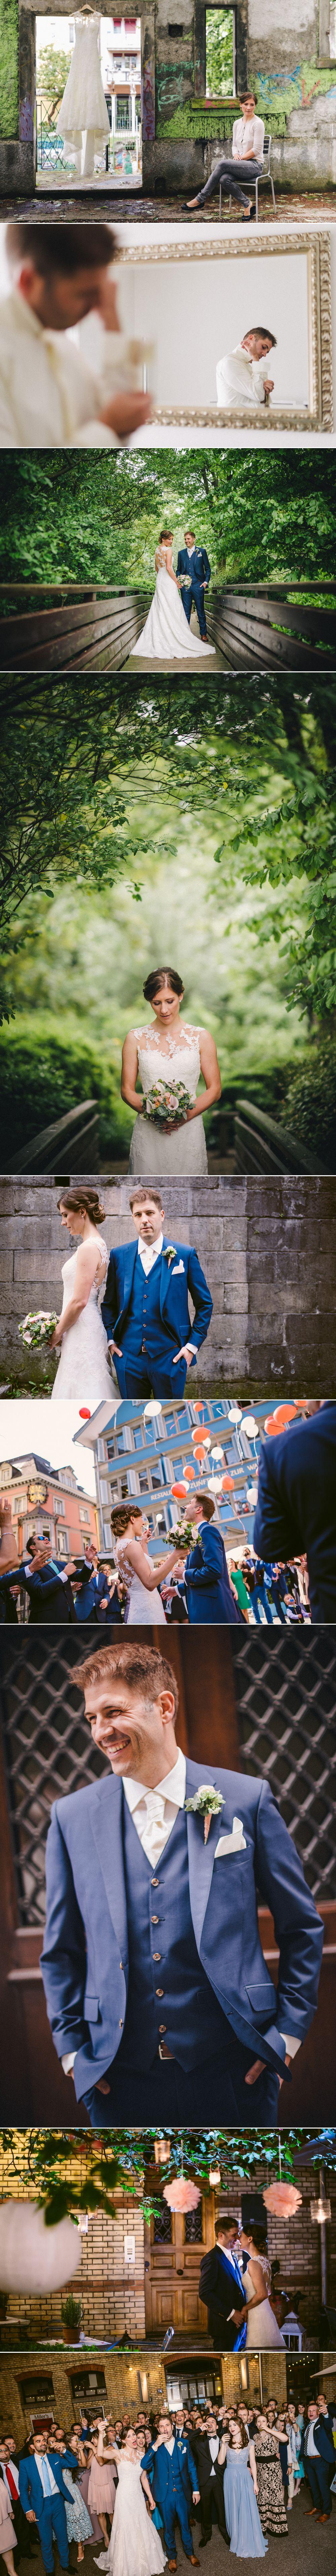 Hochzeit @ zur Waag und @ Blaue Ente in Zürich